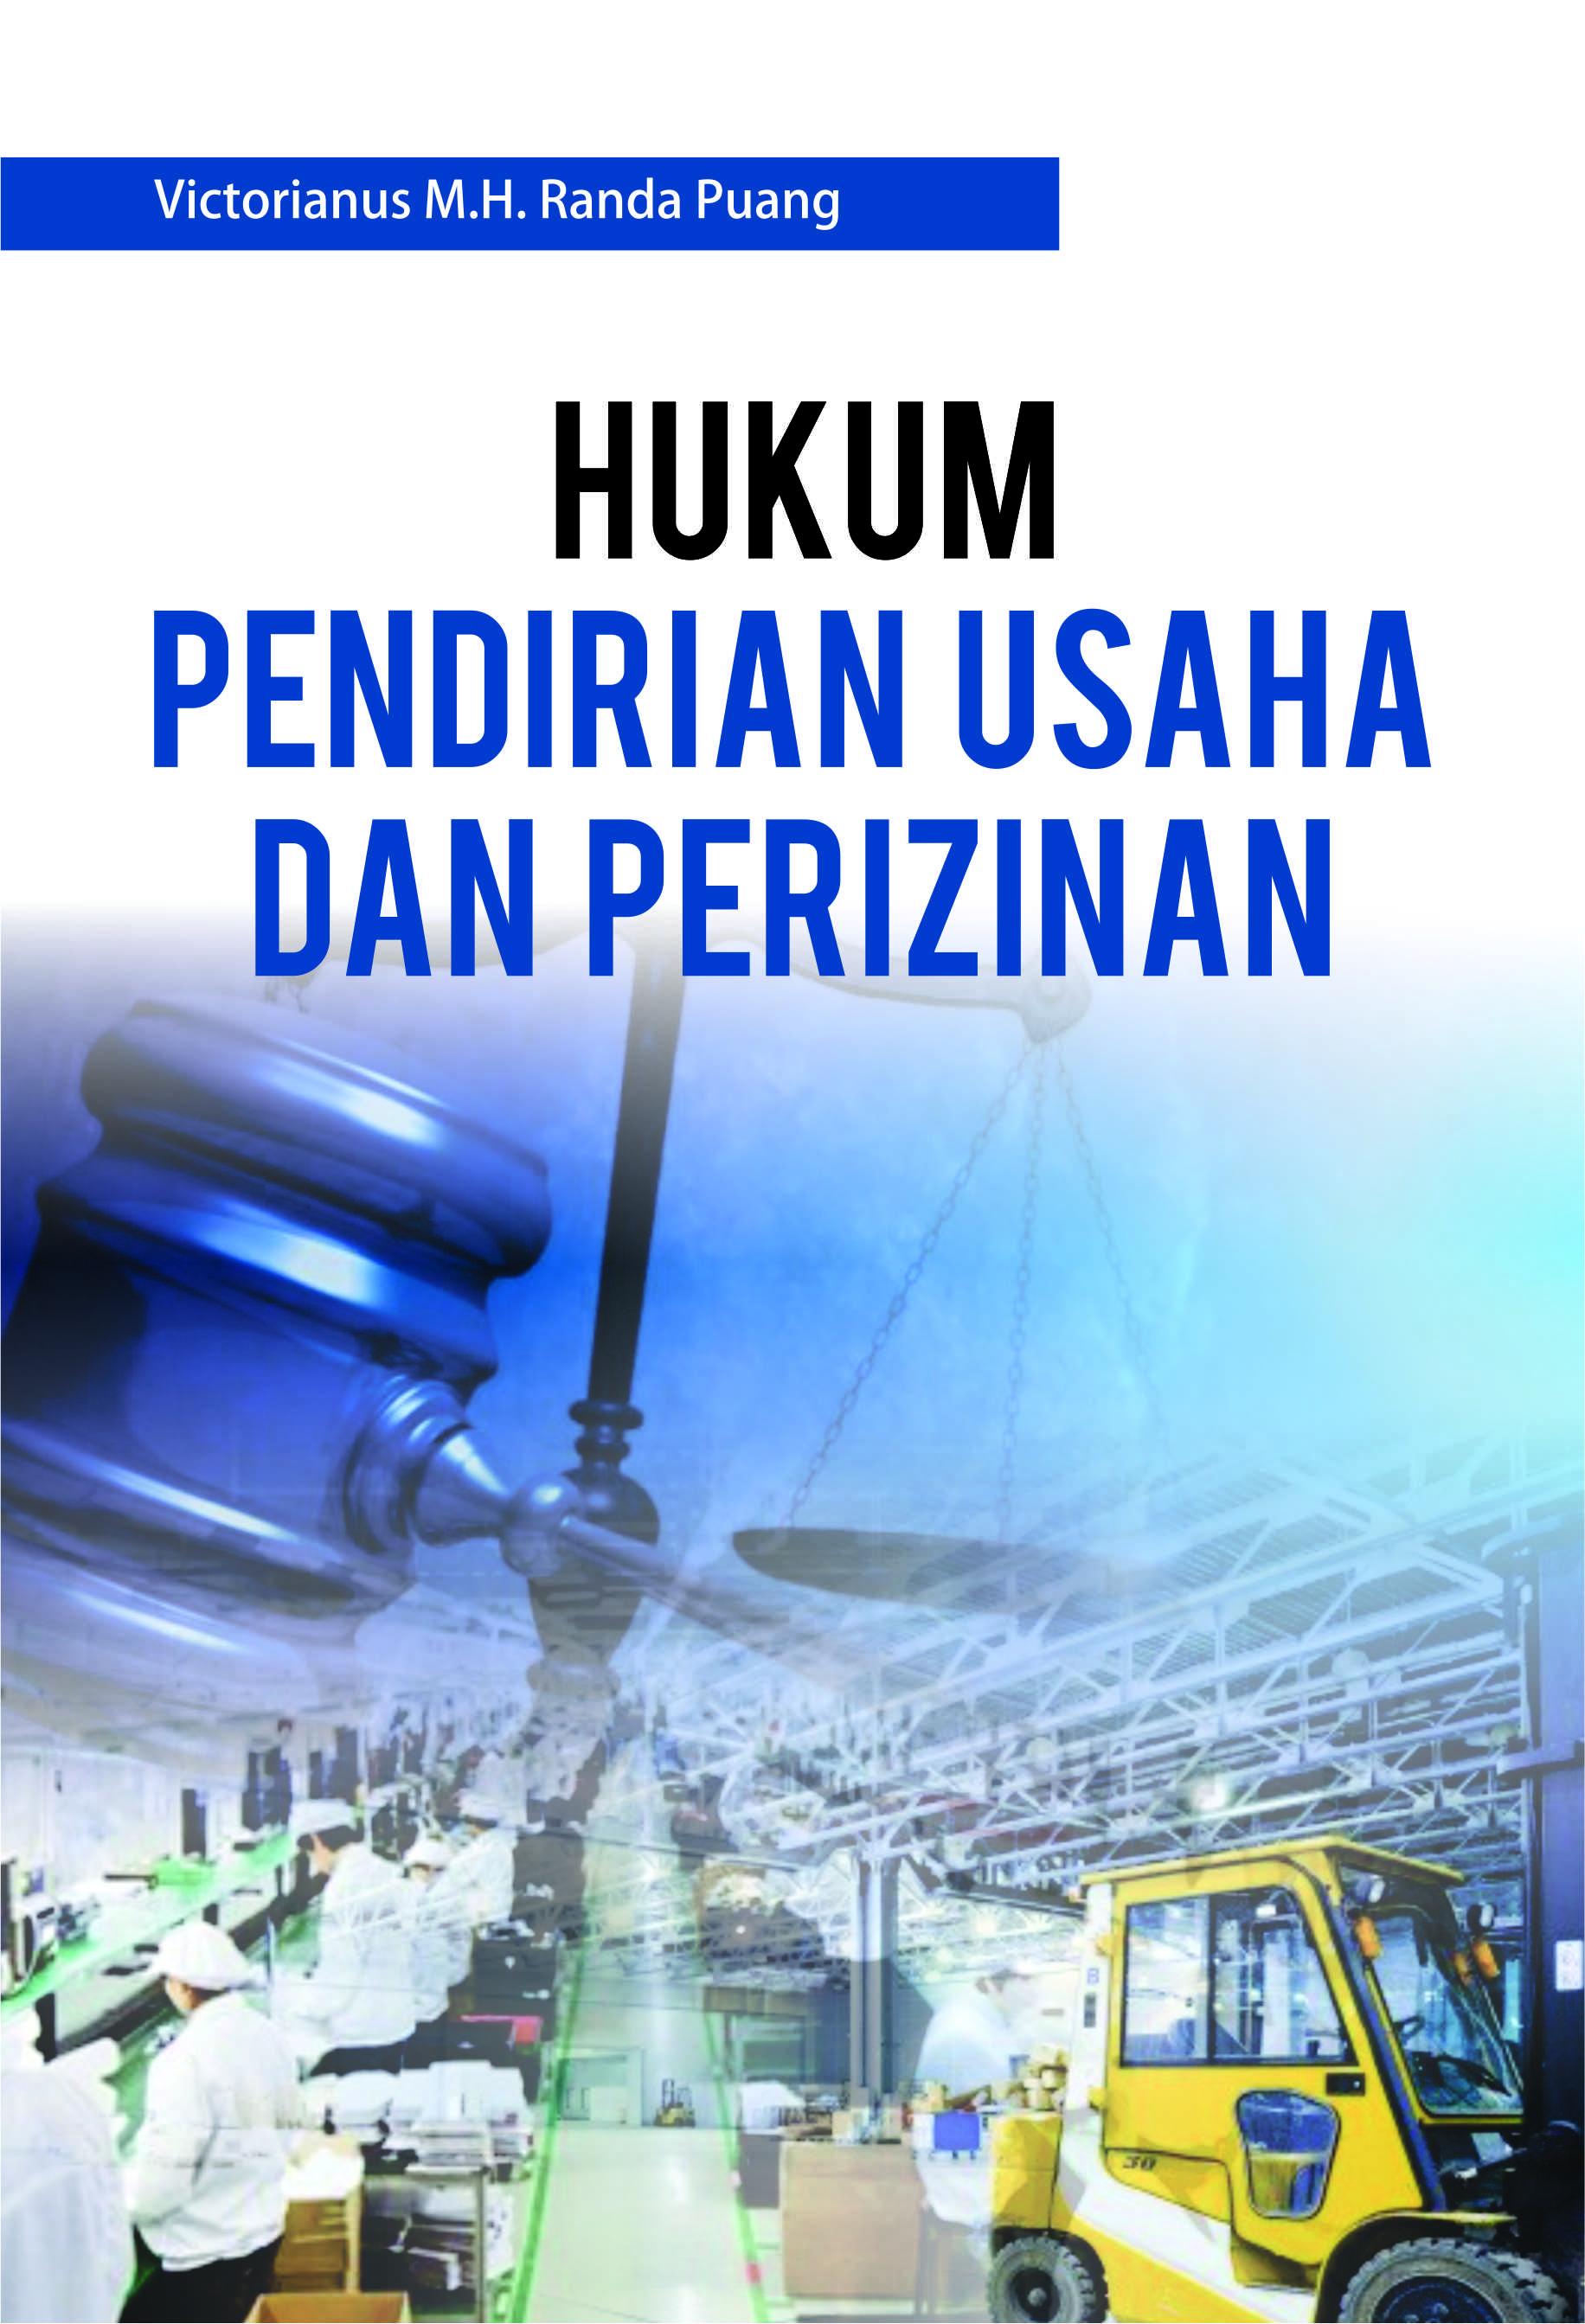 Hukum pendirian usaha dan perizinan [sumber elektronis]